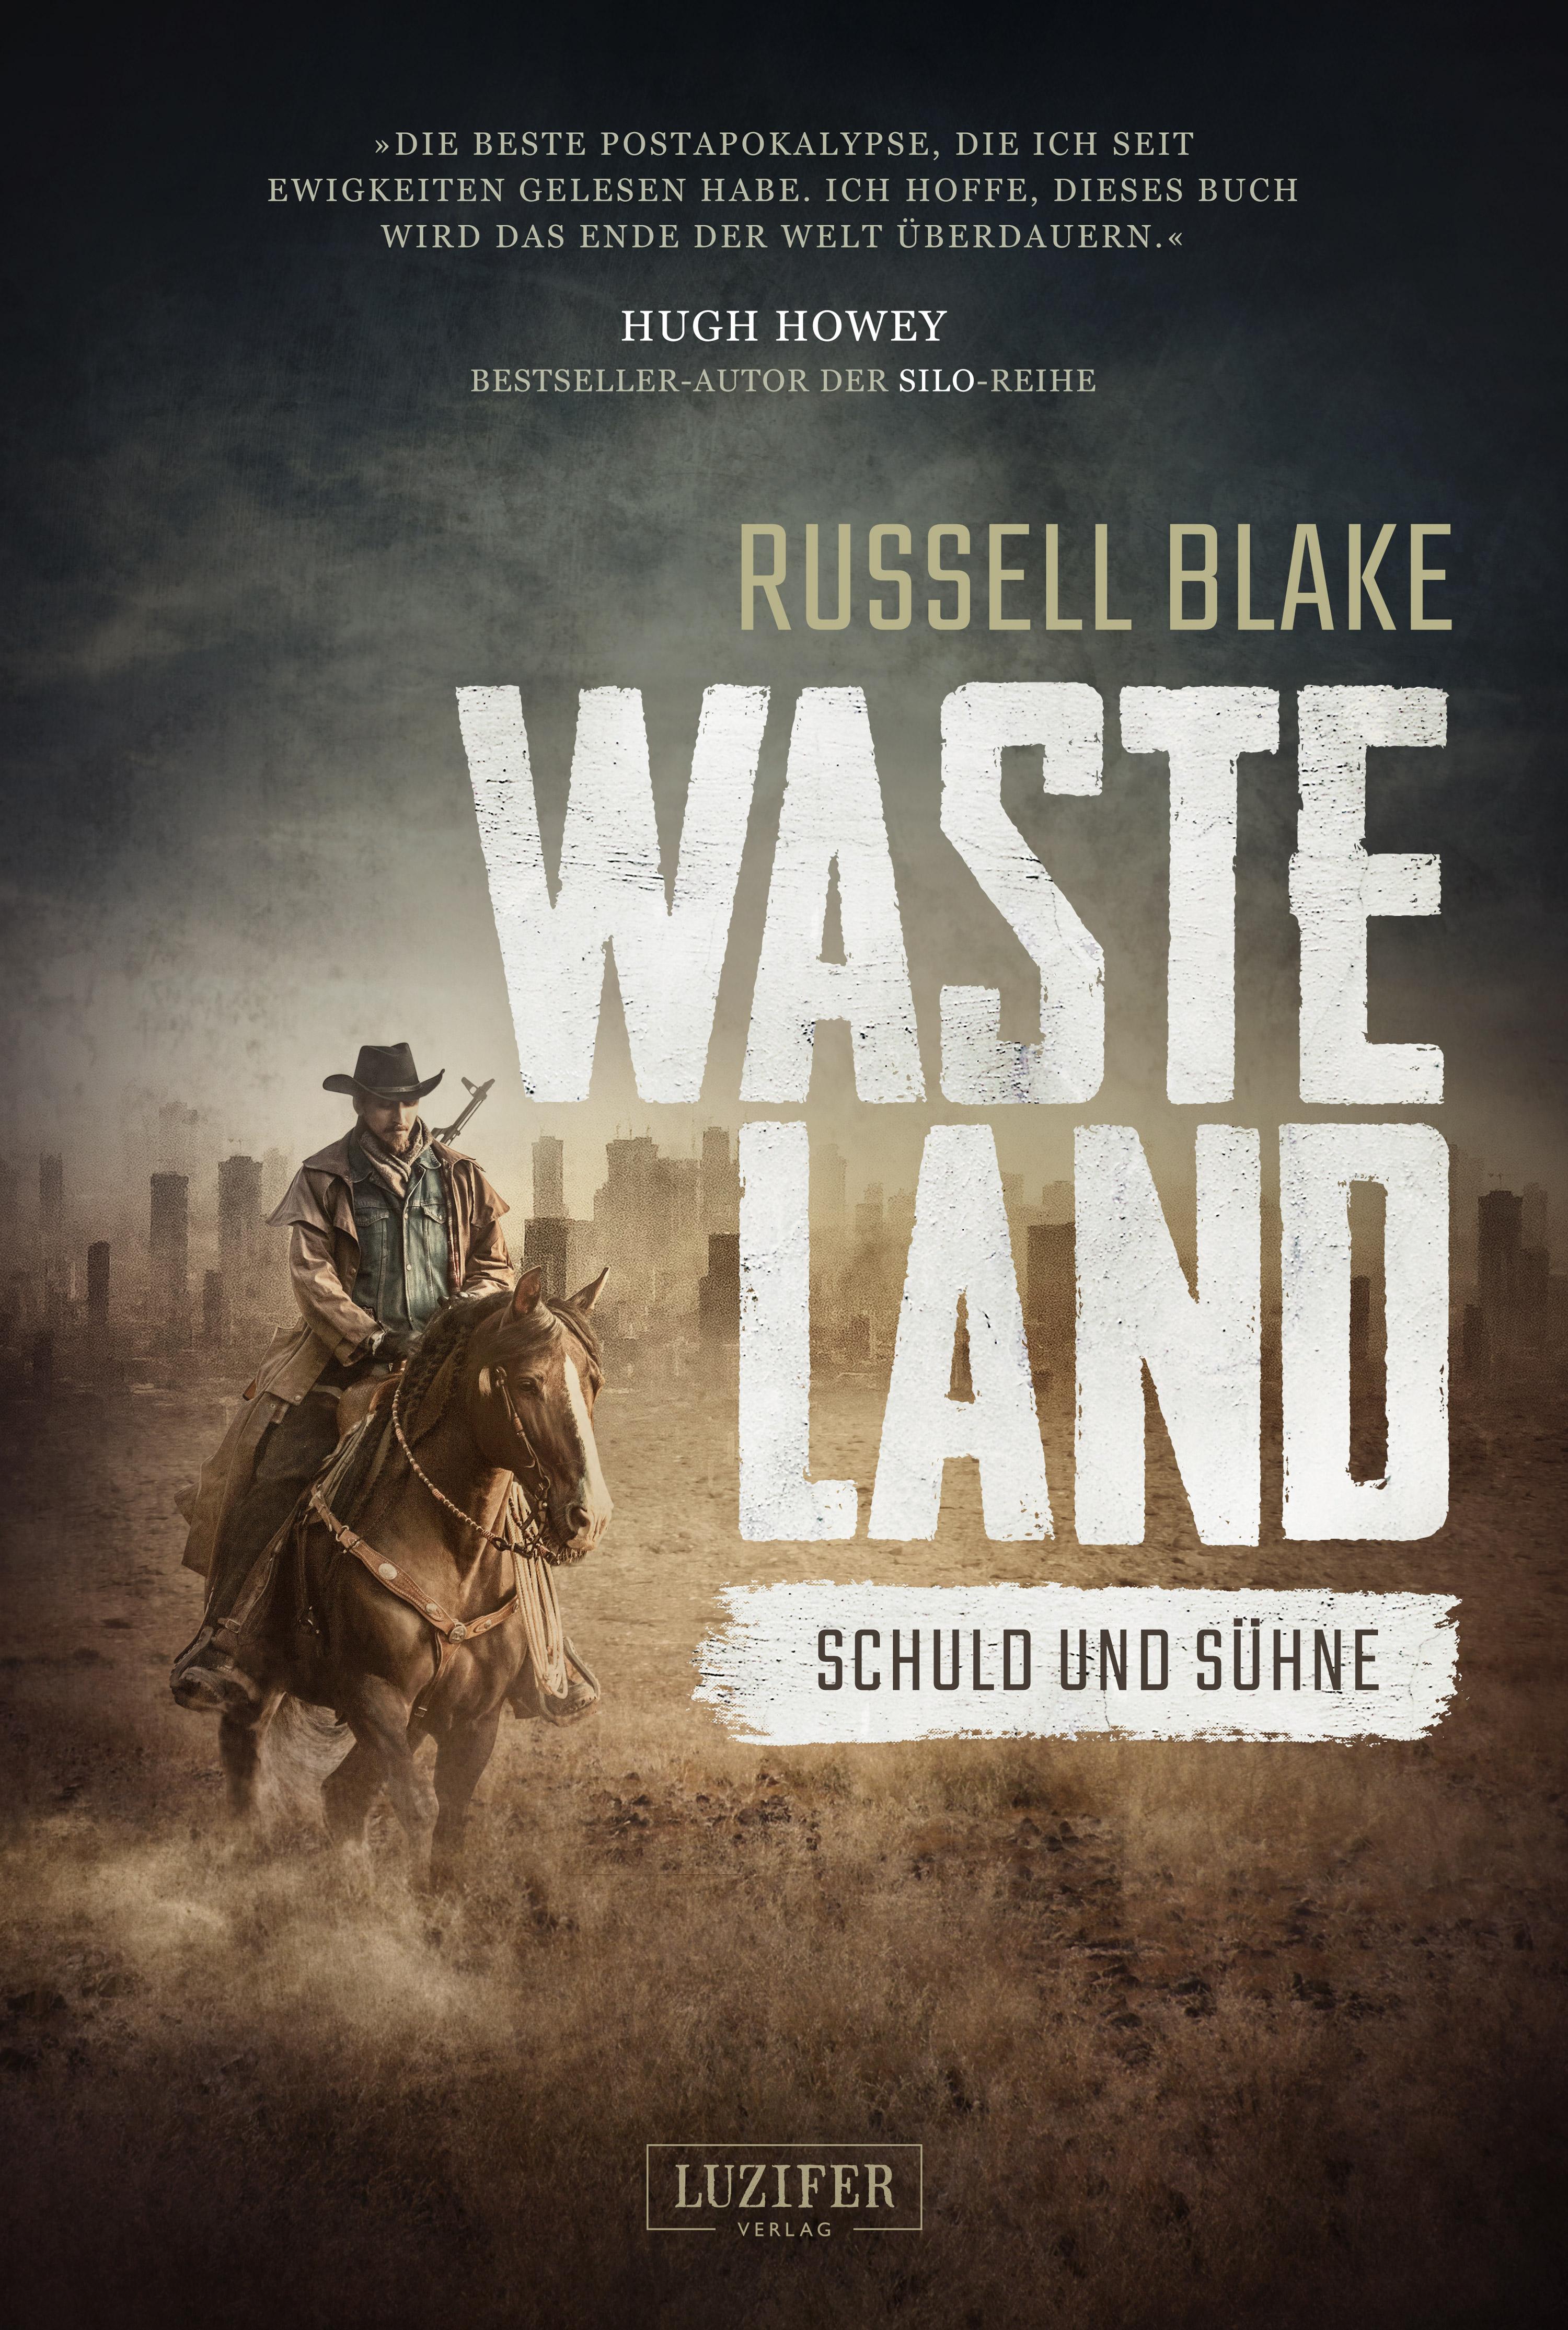 Russell Blake WASTELAND - Schuld und Sühne цена